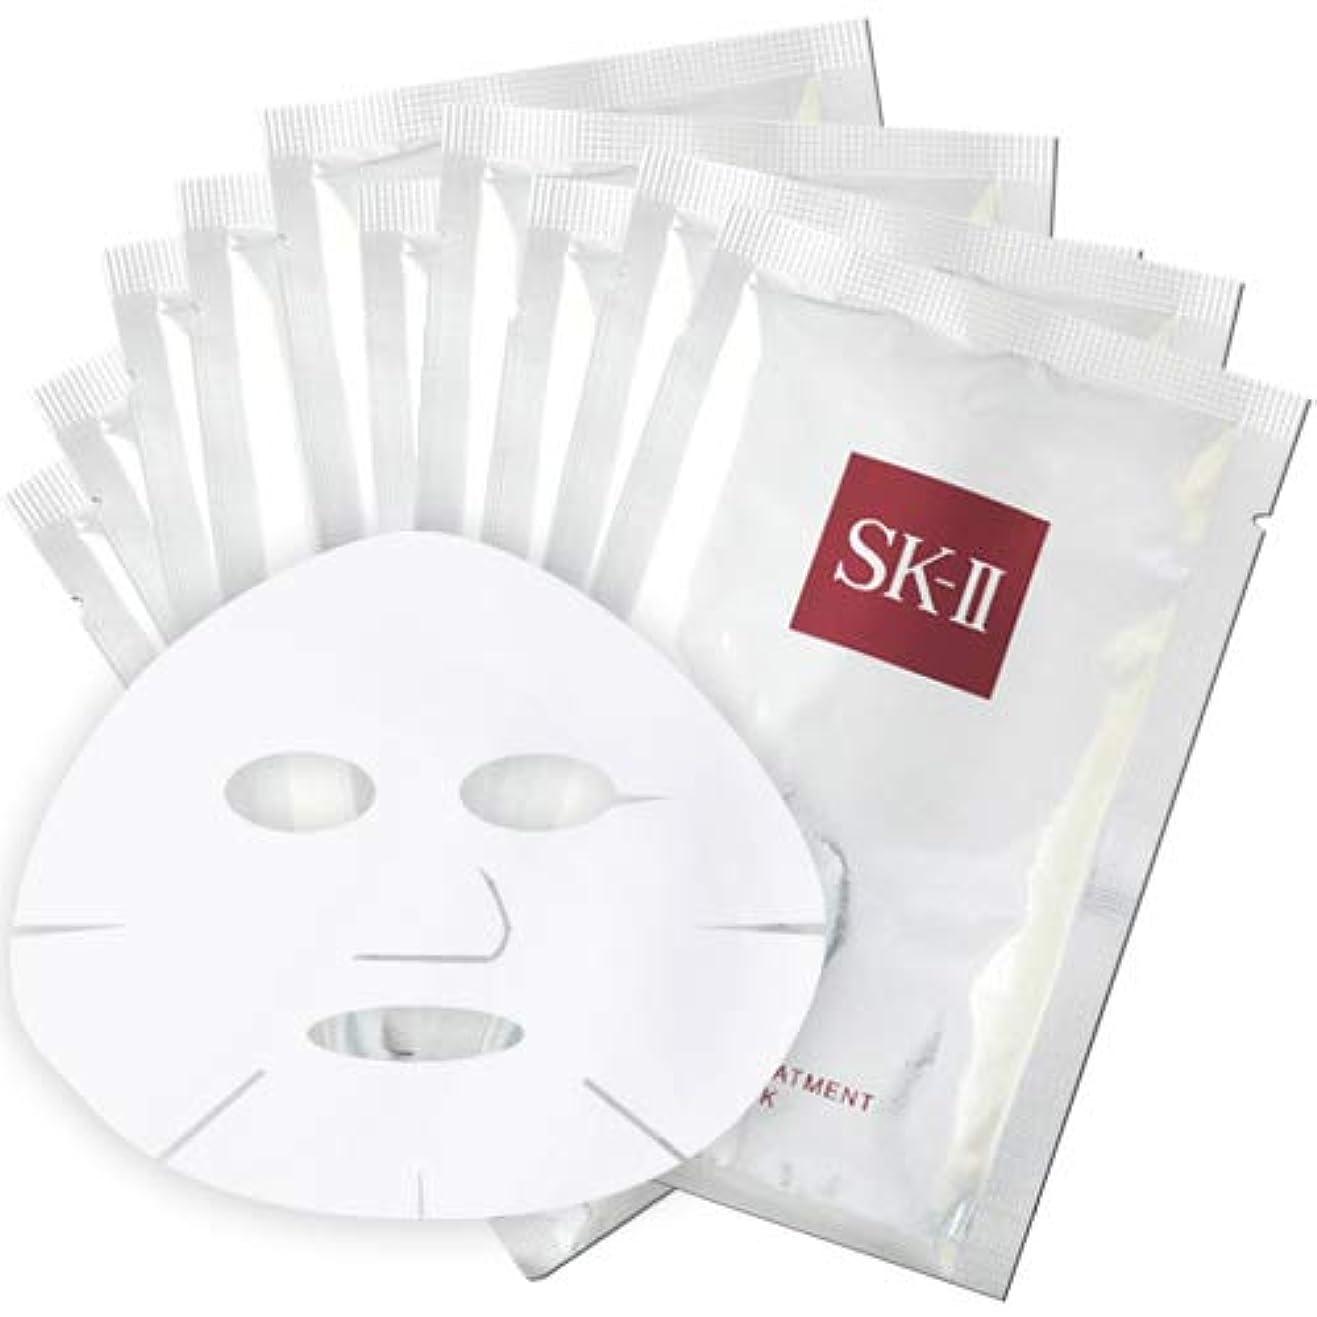 ファイター救い水銀のマックスファクター SK-II フェイシャル トリートメント マスク 10枚 【外箱なし】